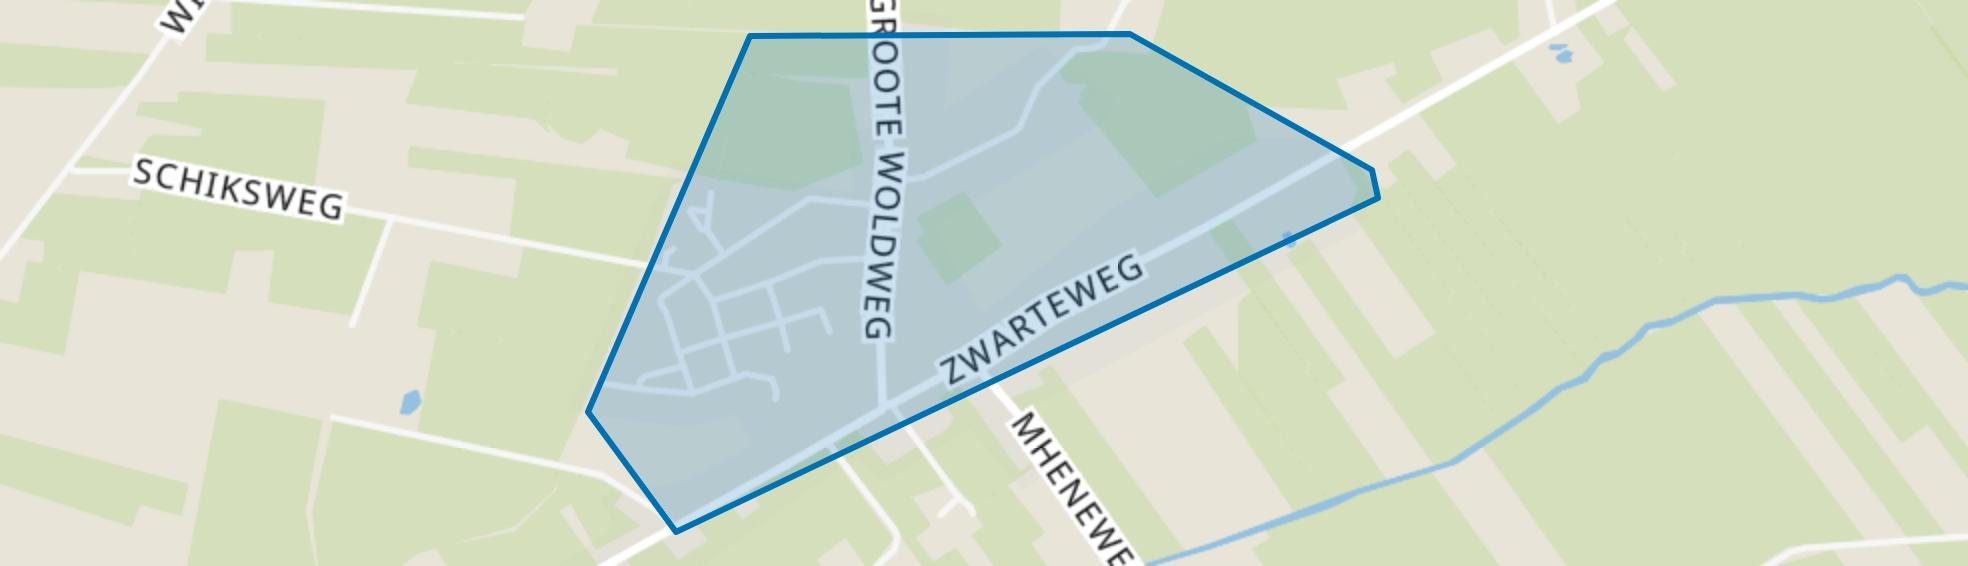 Oosterwolde, Oosterwolde (GE) map